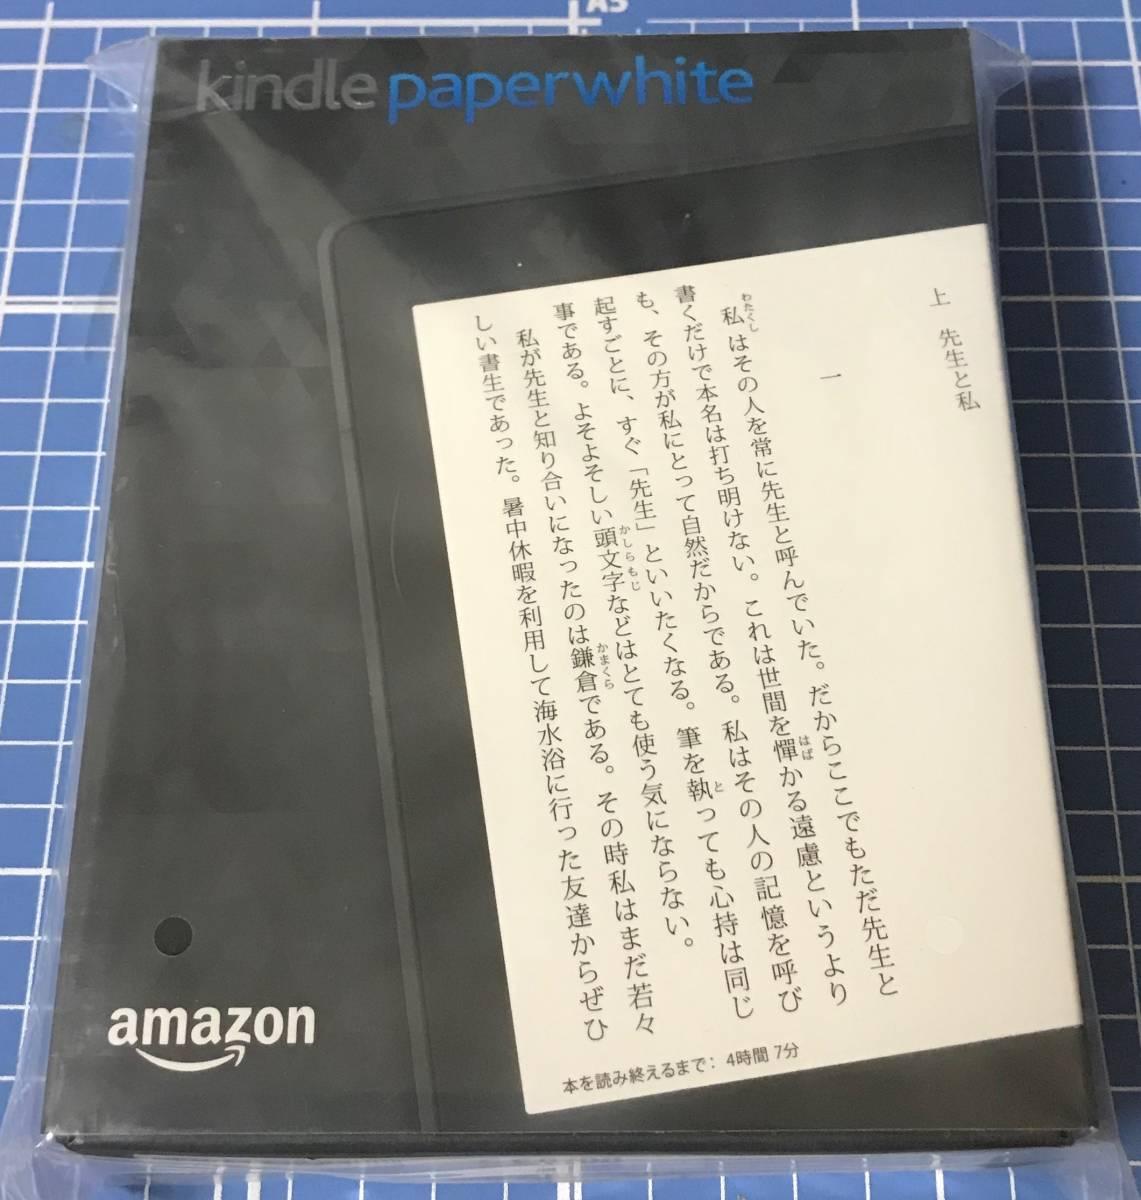 1円スタート 送料無料 新品 未開封 Kindle Paperwhite マンガモデル Wi-Fi 32GB ブラック キャンペーン情報つきモデル 数量2